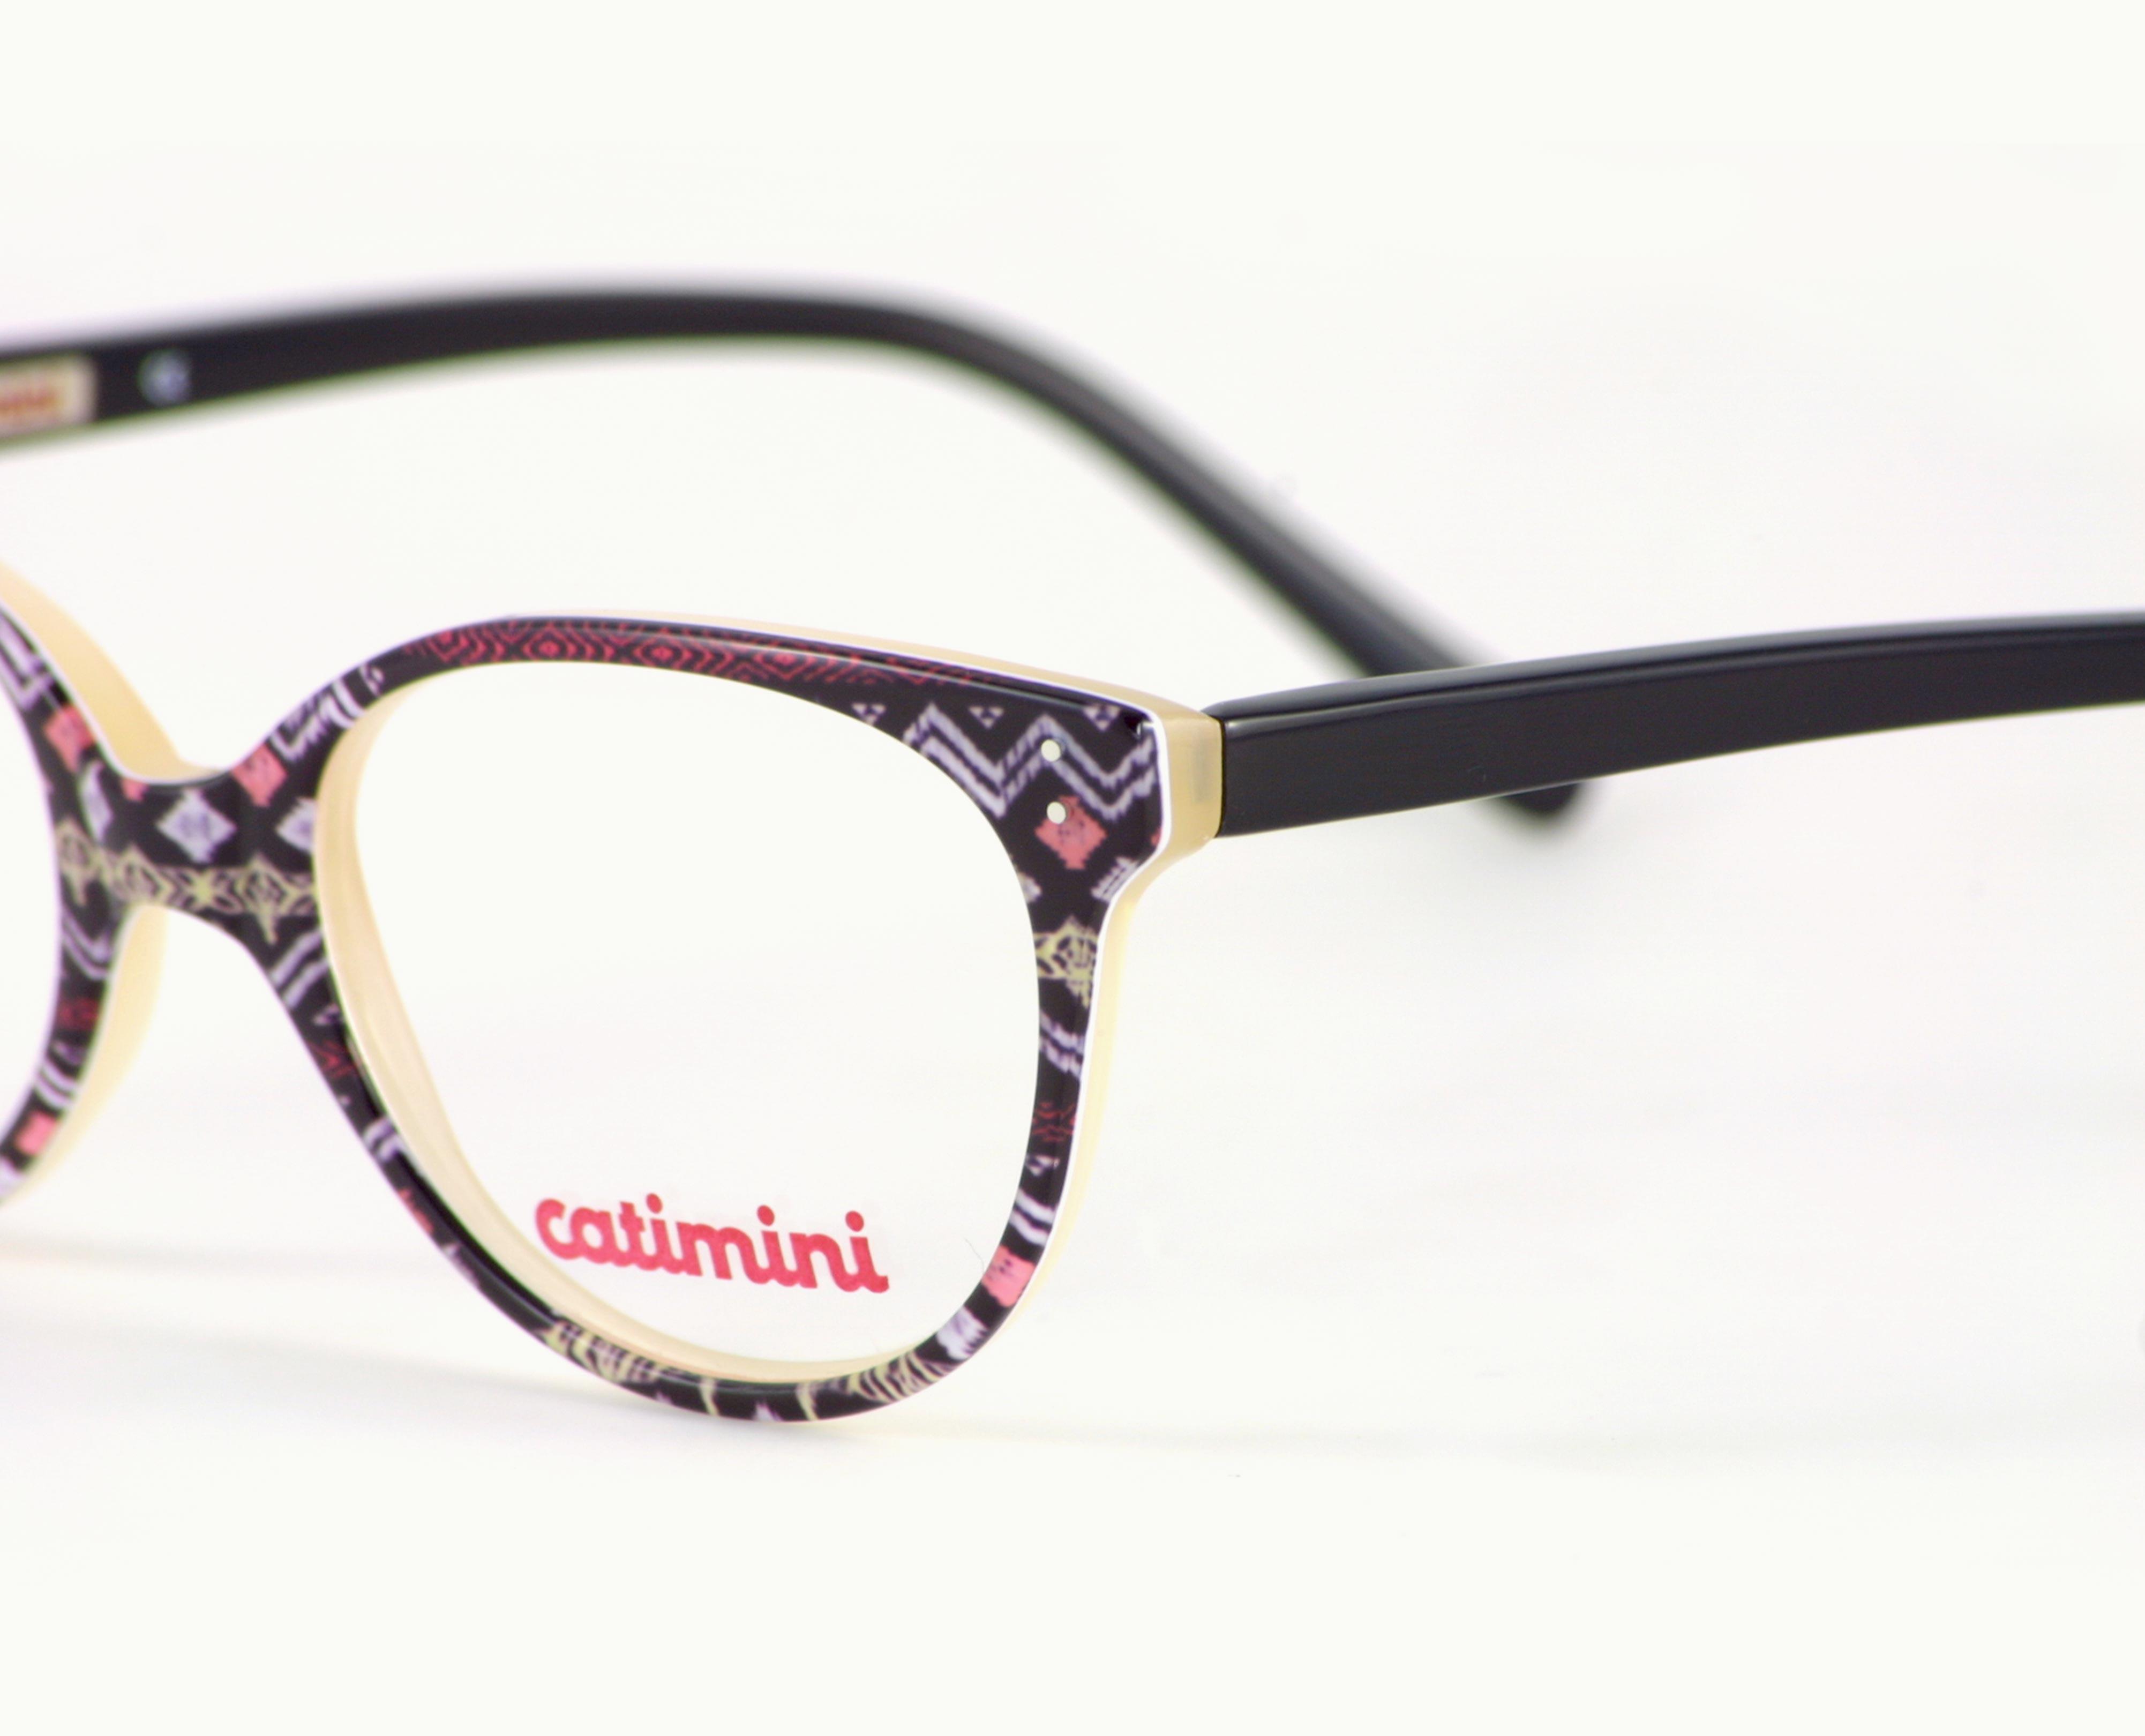 Bild: Brille von Catimini gemustert